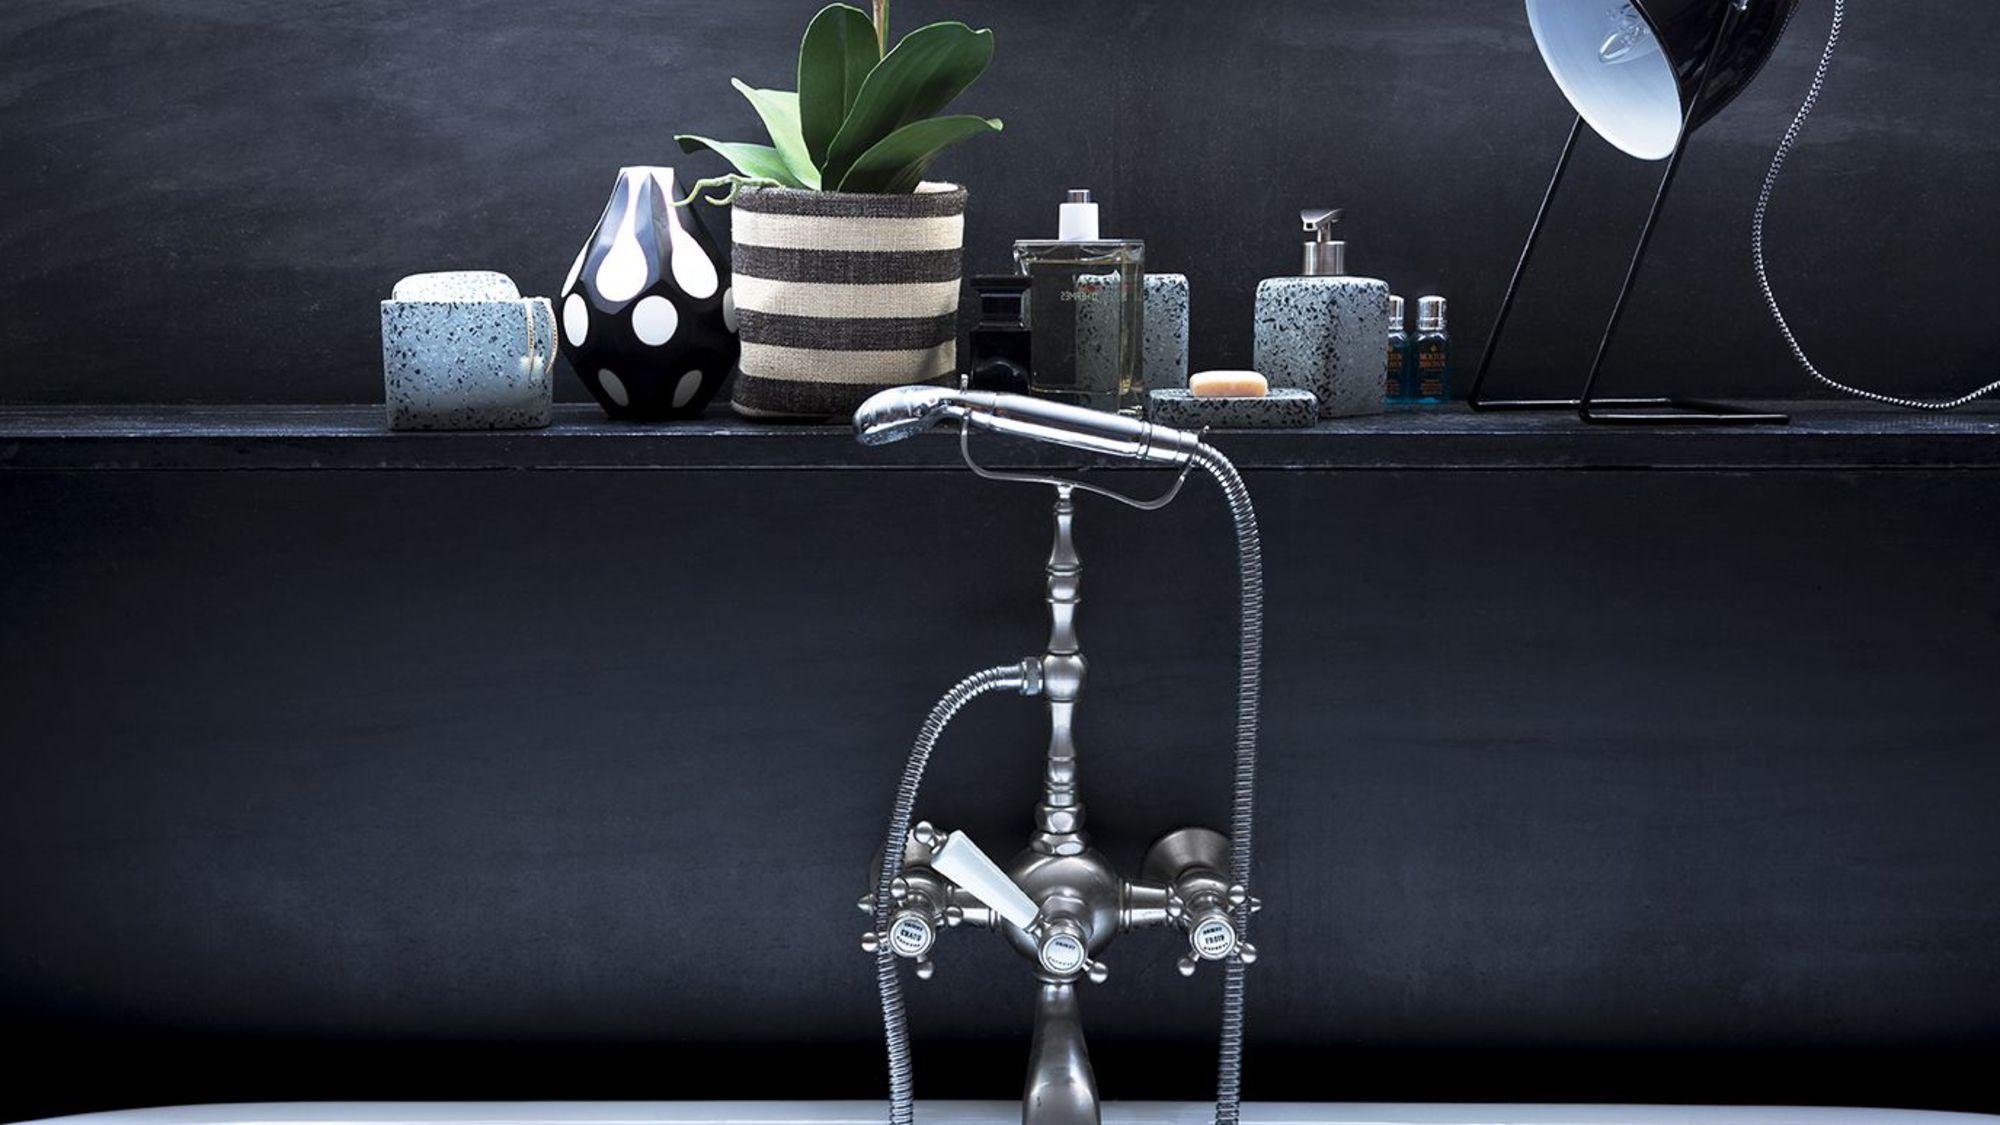 Voici comment d corer votre salle de bain avec un petit budget for Nettoyage salle de bain